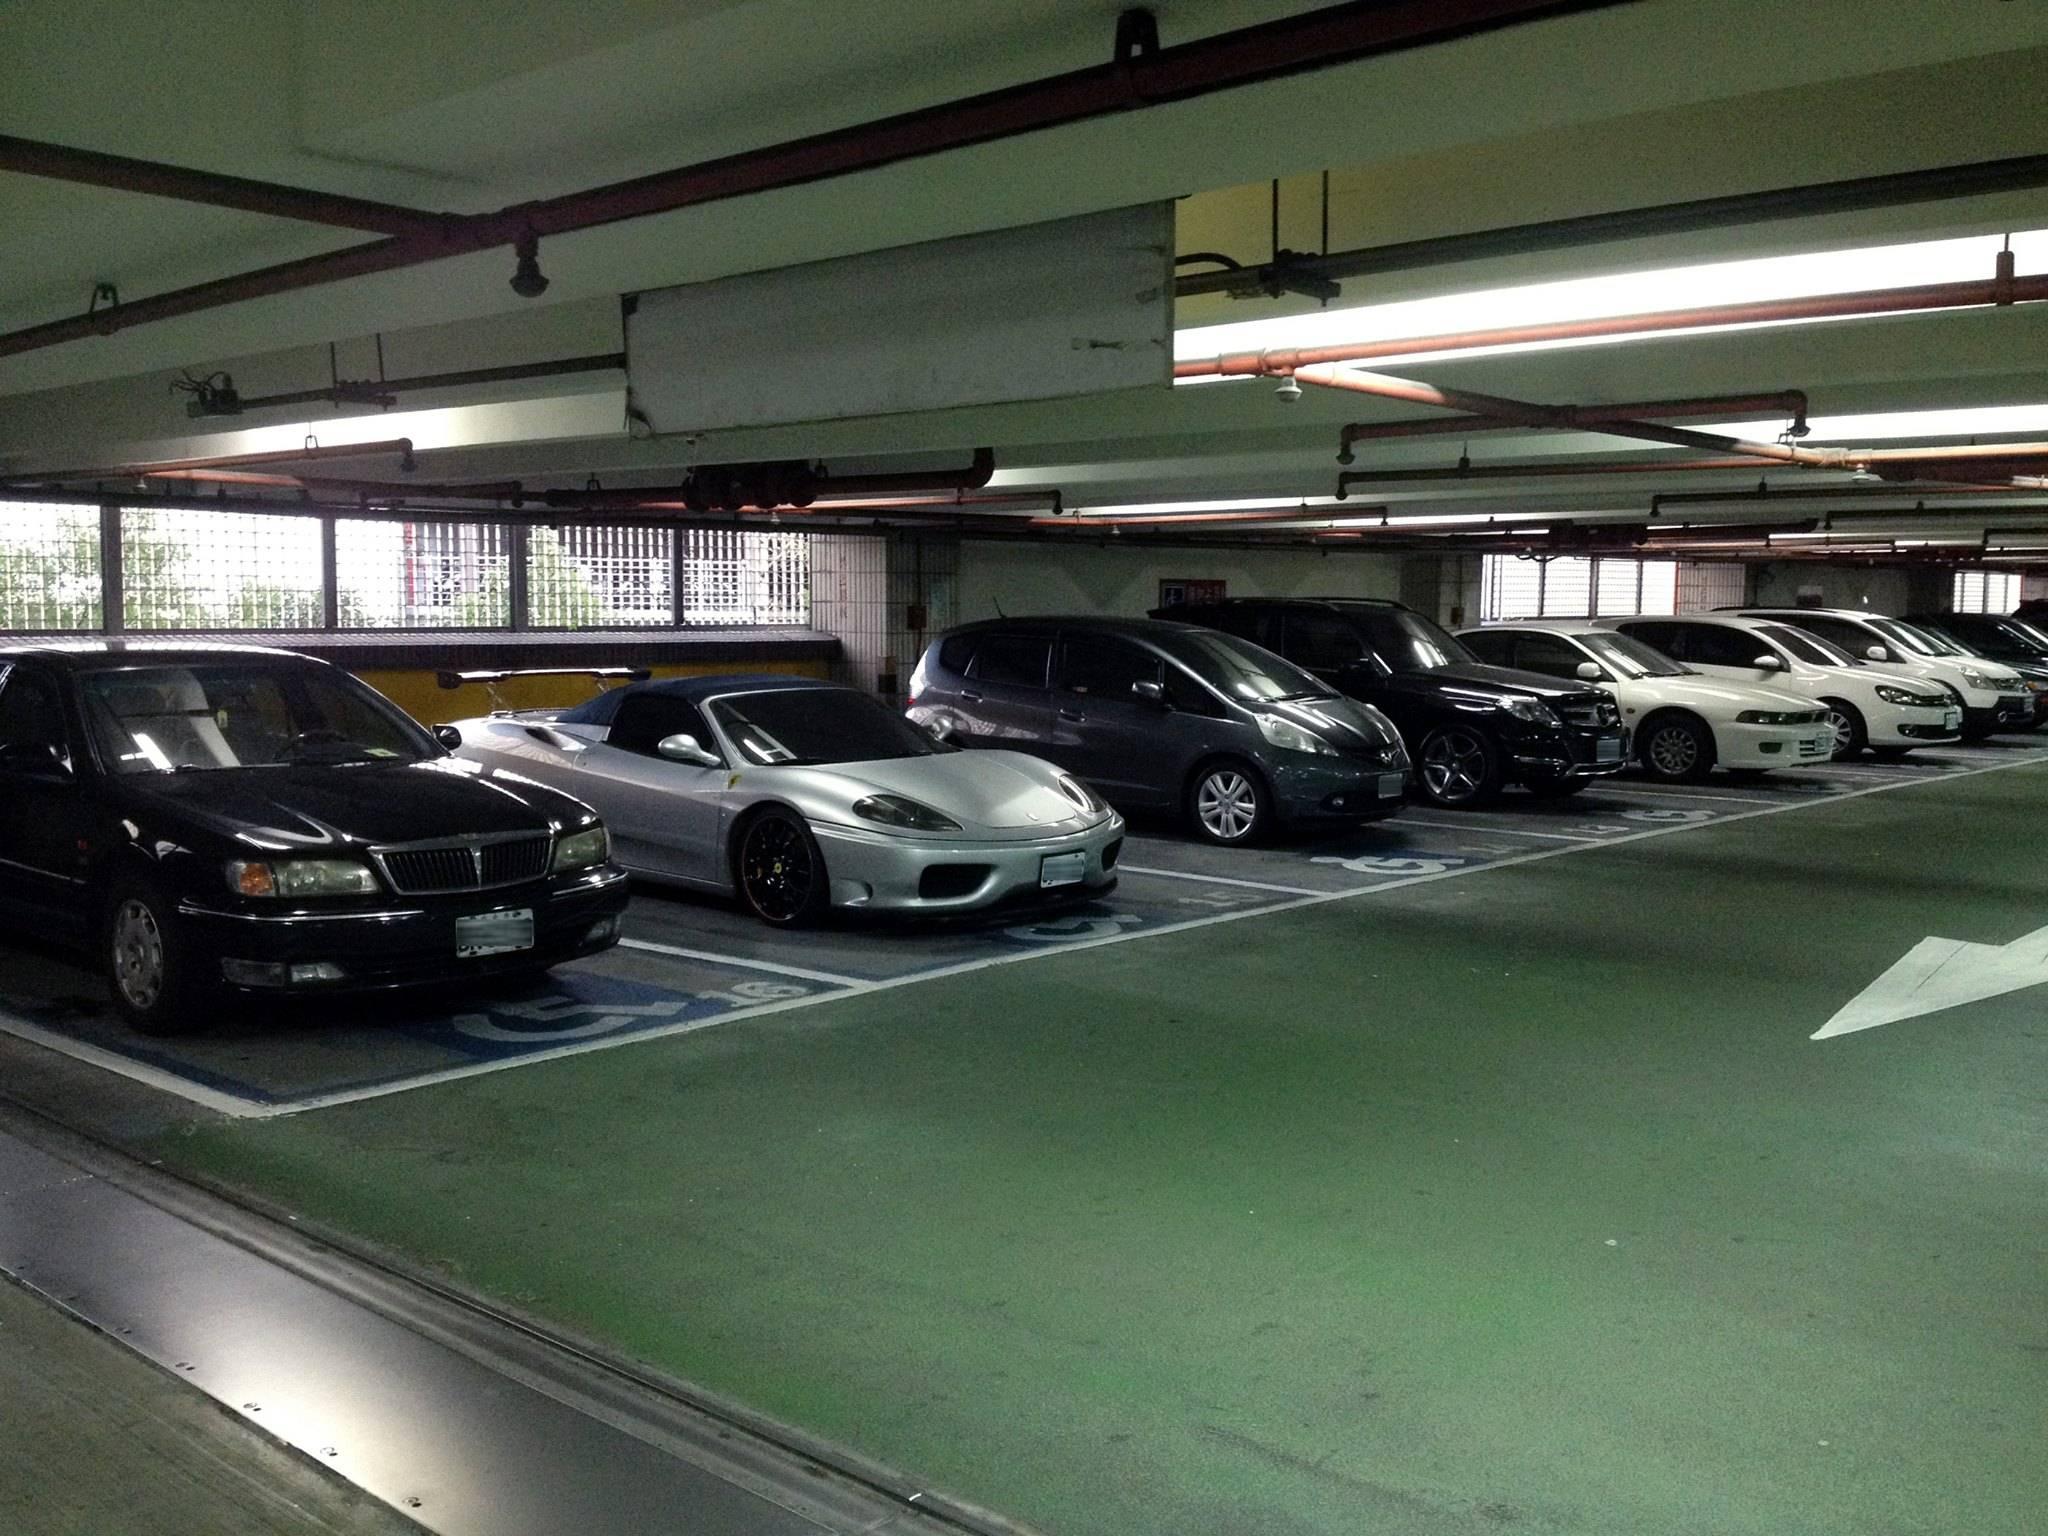 法律咨询:免费停车场对停放车辆有安全保障义务吗?